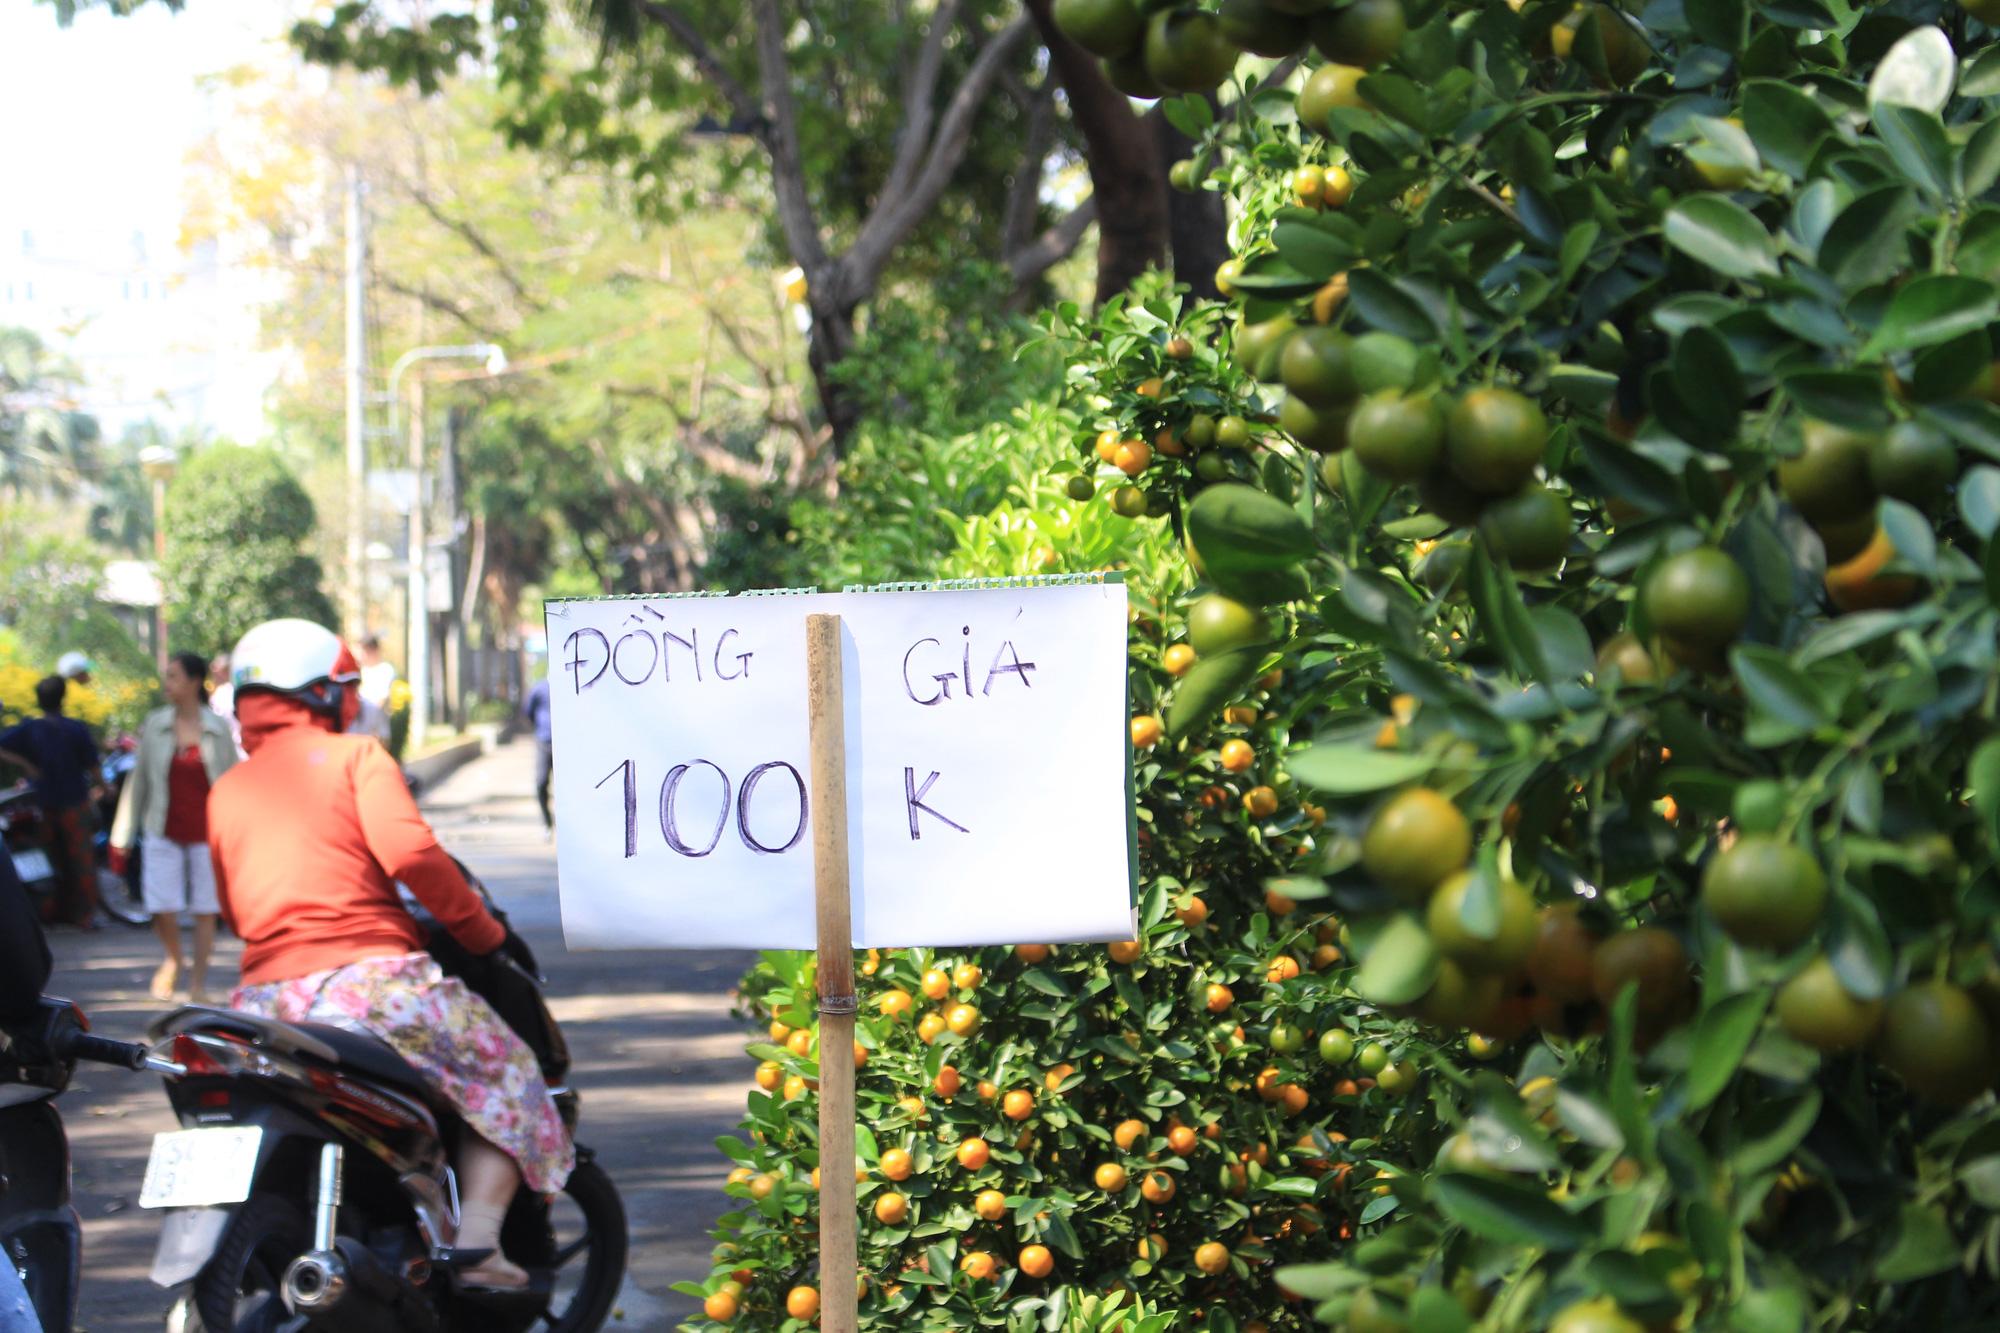 Mai, đào, tắc tiền triệu tại chợ hoa Sài Gòn ngóng người mua, có nhà vườn treo biển đồng giá 100.000 đồng mỗi chậu - Ảnh 9.